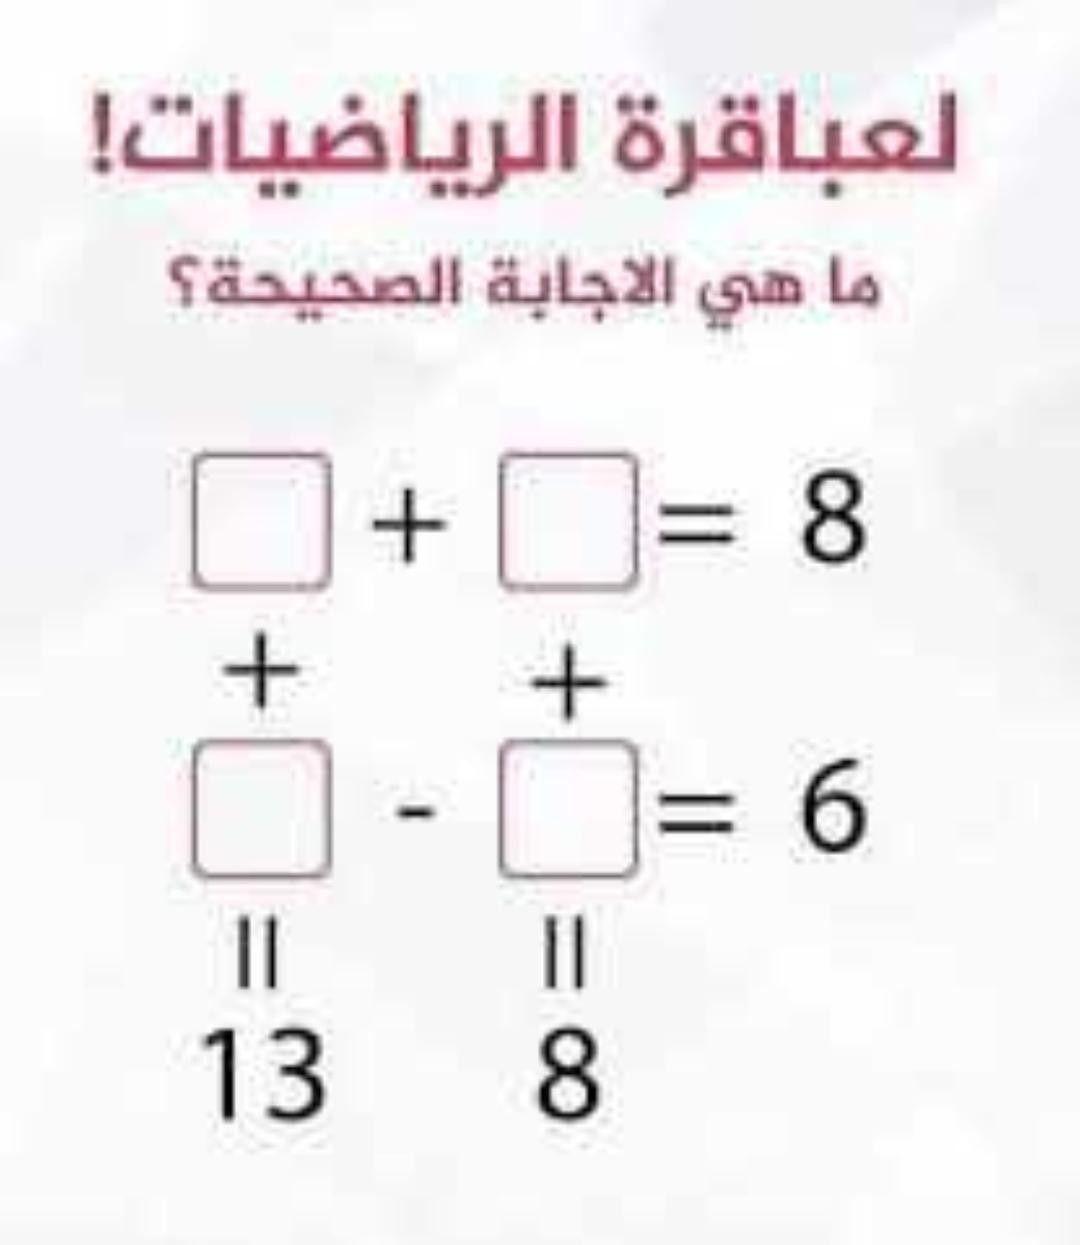 Pin By Moza Sadi On لغز Math Math Equations